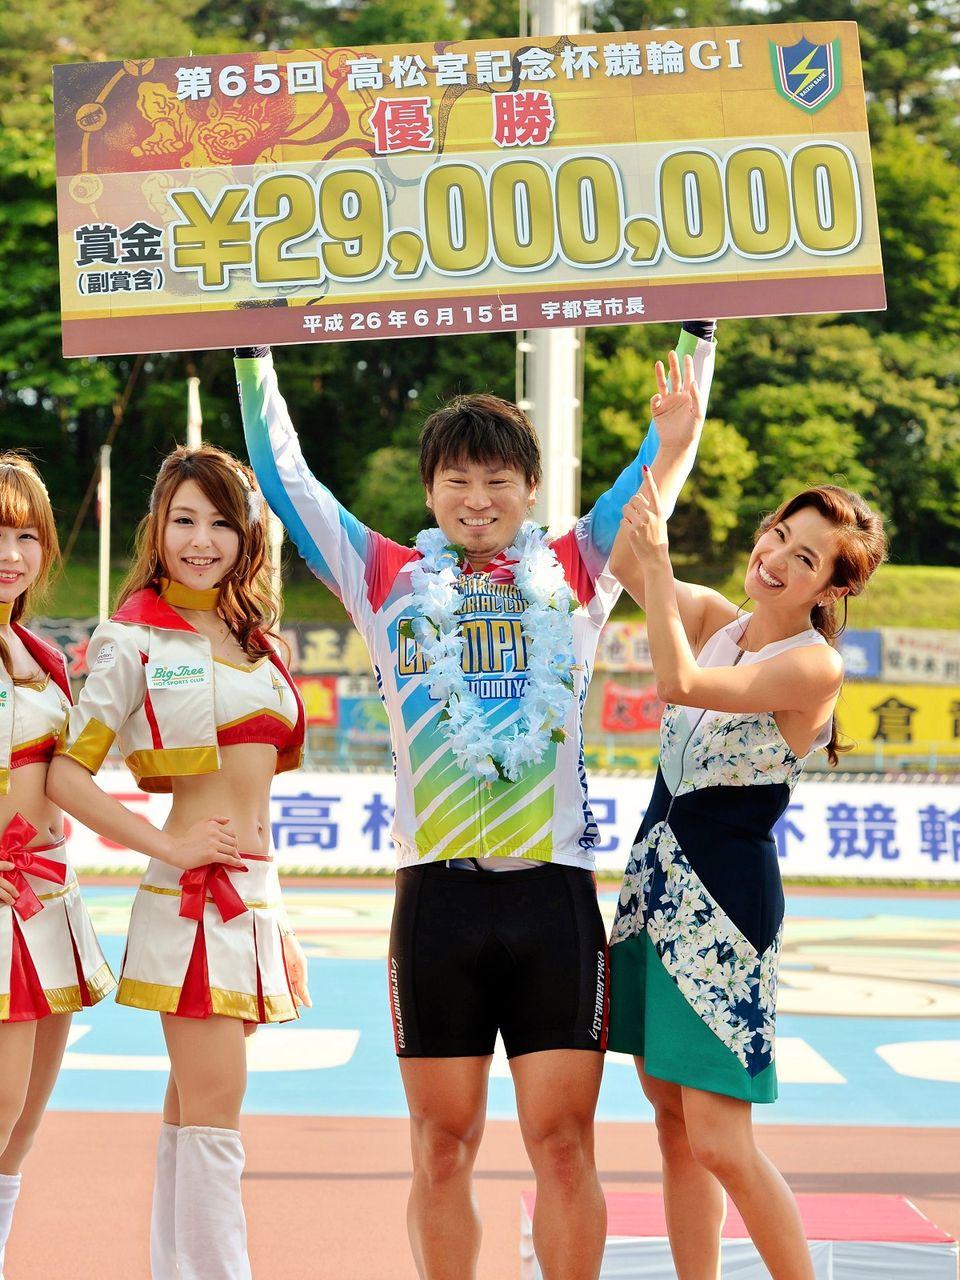 宇都宮競輪「G1・第65回高松宮記念杯競輪」は稲川翔が優勝 ...